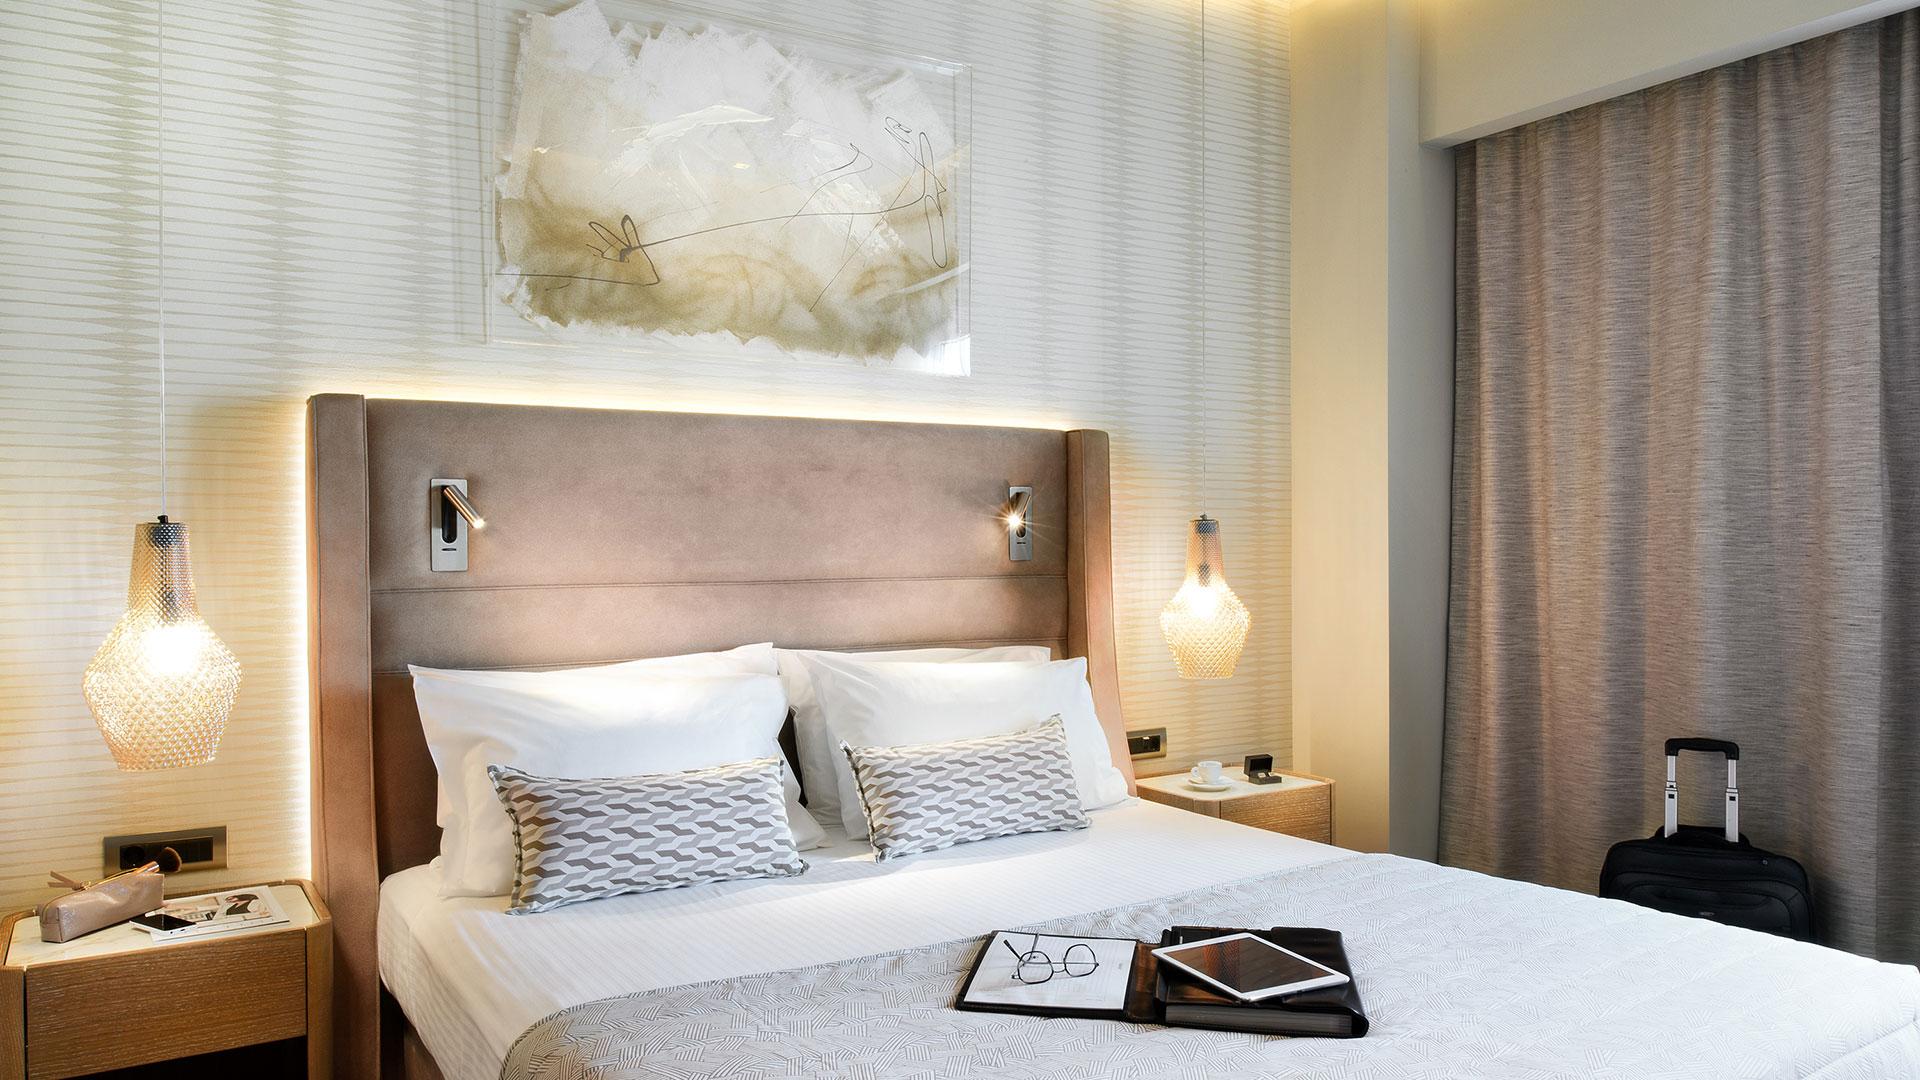 dimitriadis_grand-hotel_03